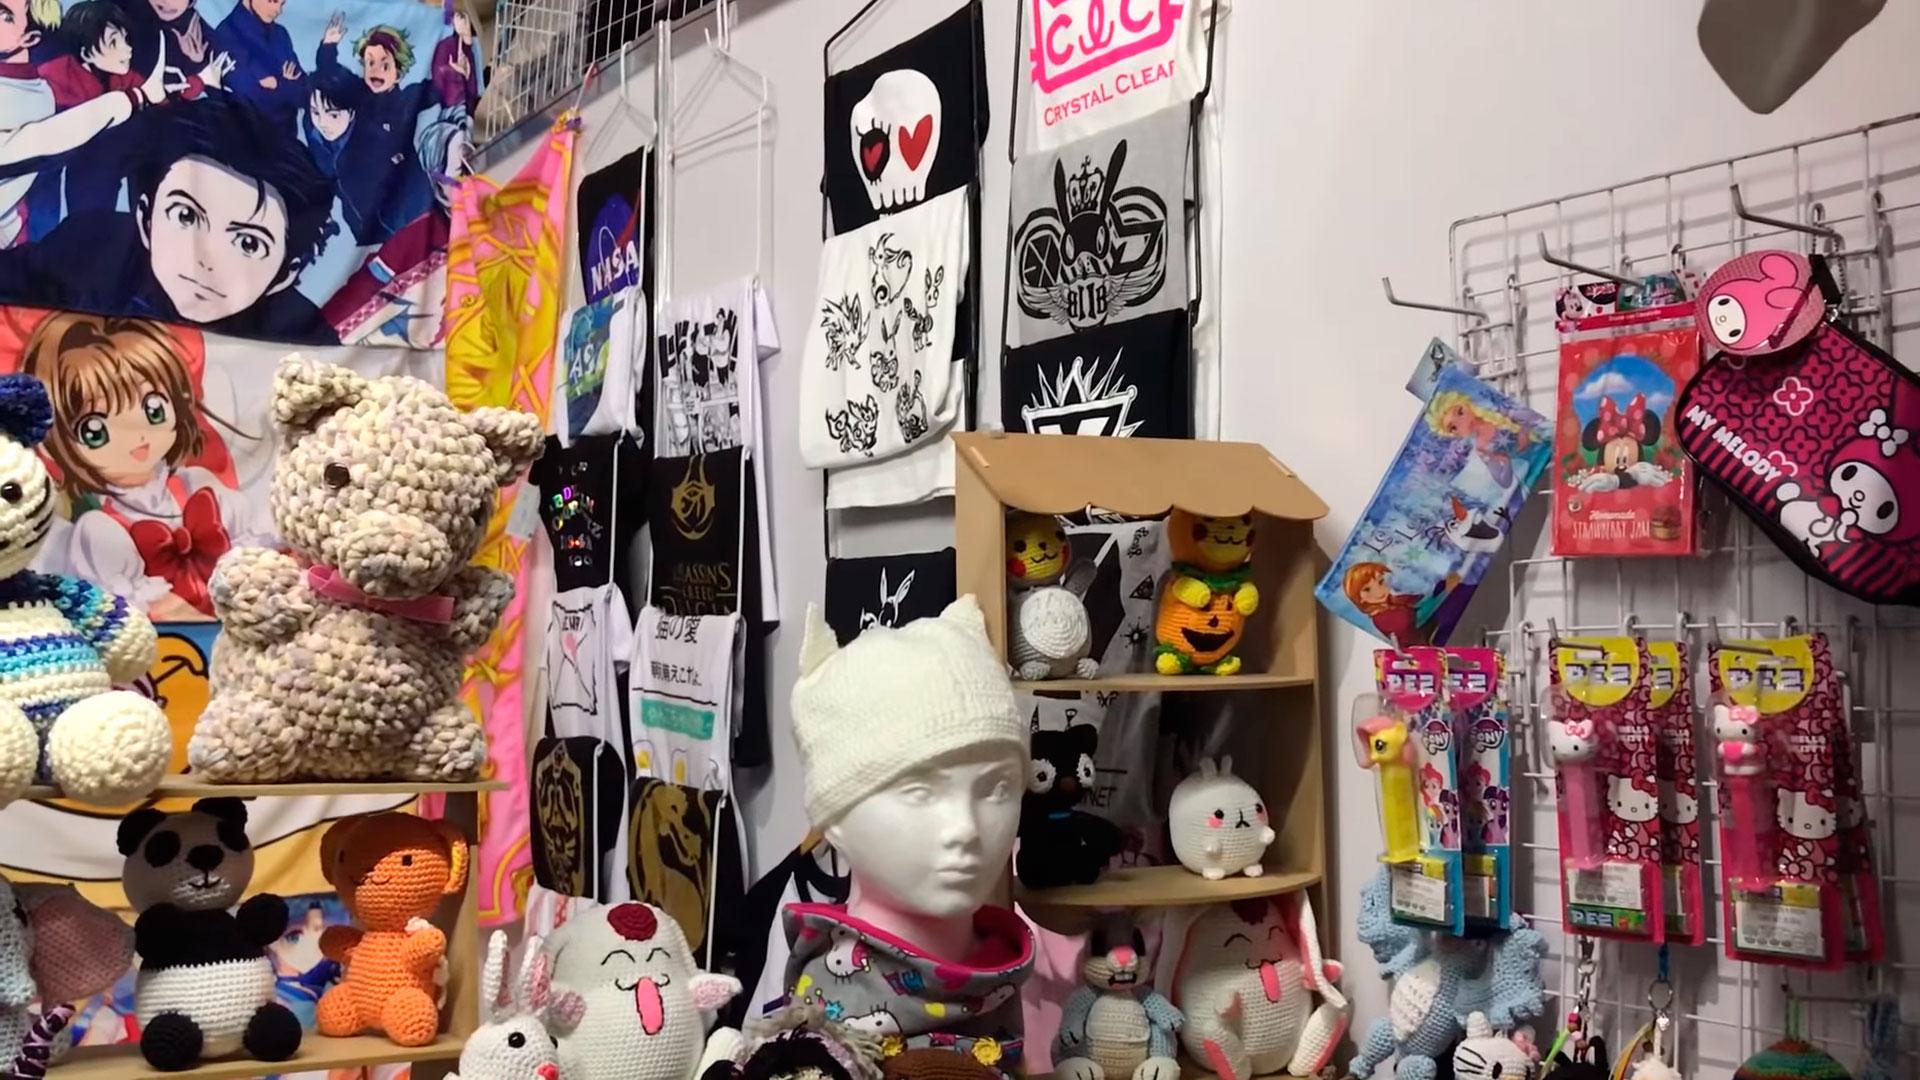 Expo Tnt Stands : Expo tnt gt recorrido juegos juguetes y coleccionables